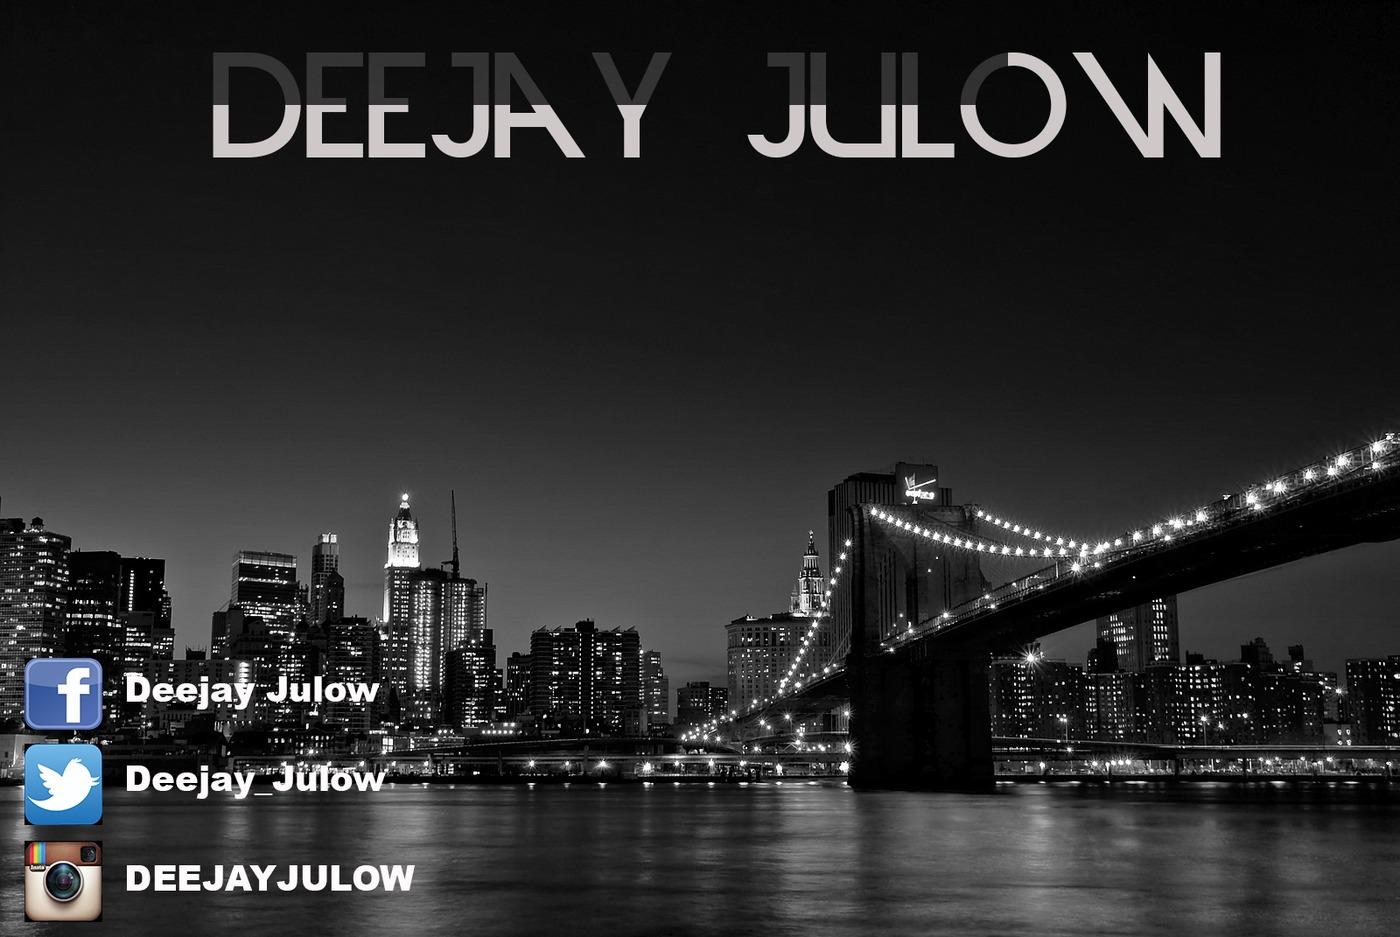 Deejay Julow